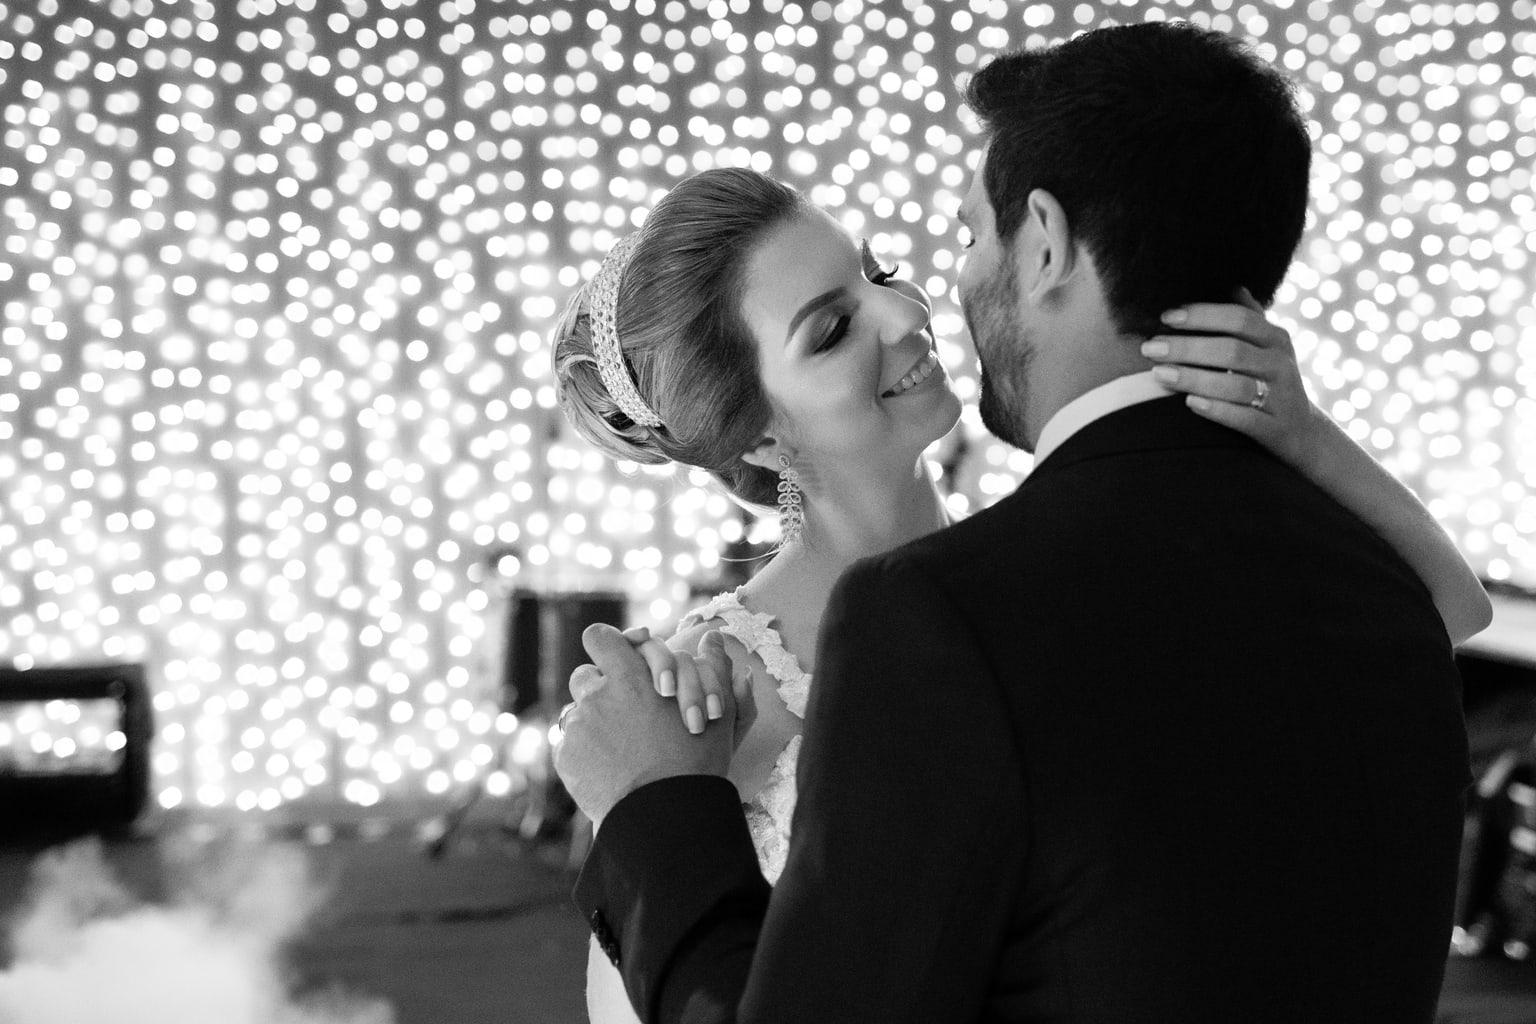 casamento-clássico-casamento-tradicional-rio-de-janeiro-niterói-Fotografia-Giovani-Garcia-casamento-Cássia-e-Daniel-13-1